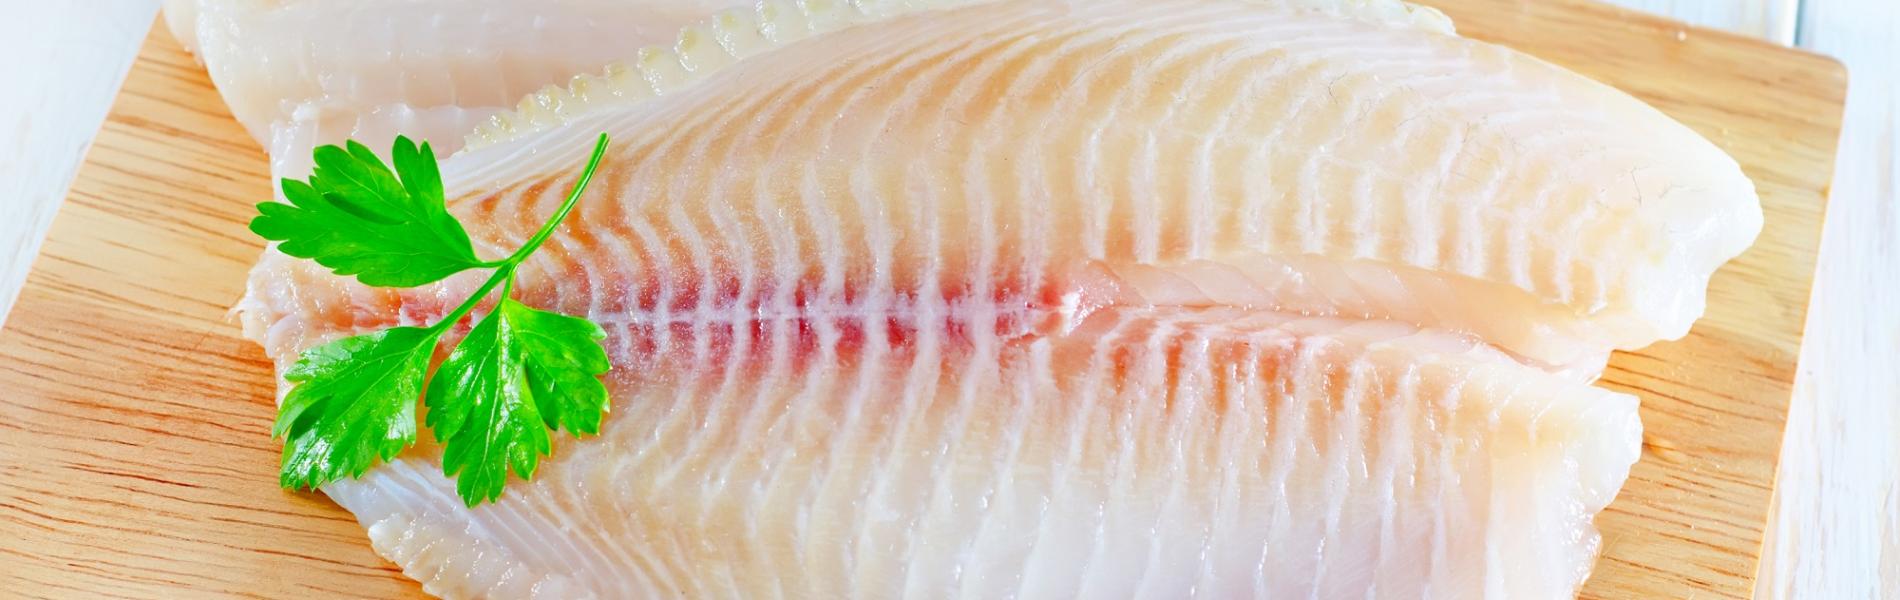 דגים טריים: 5 סיבות טובות להעדיף רק אותם